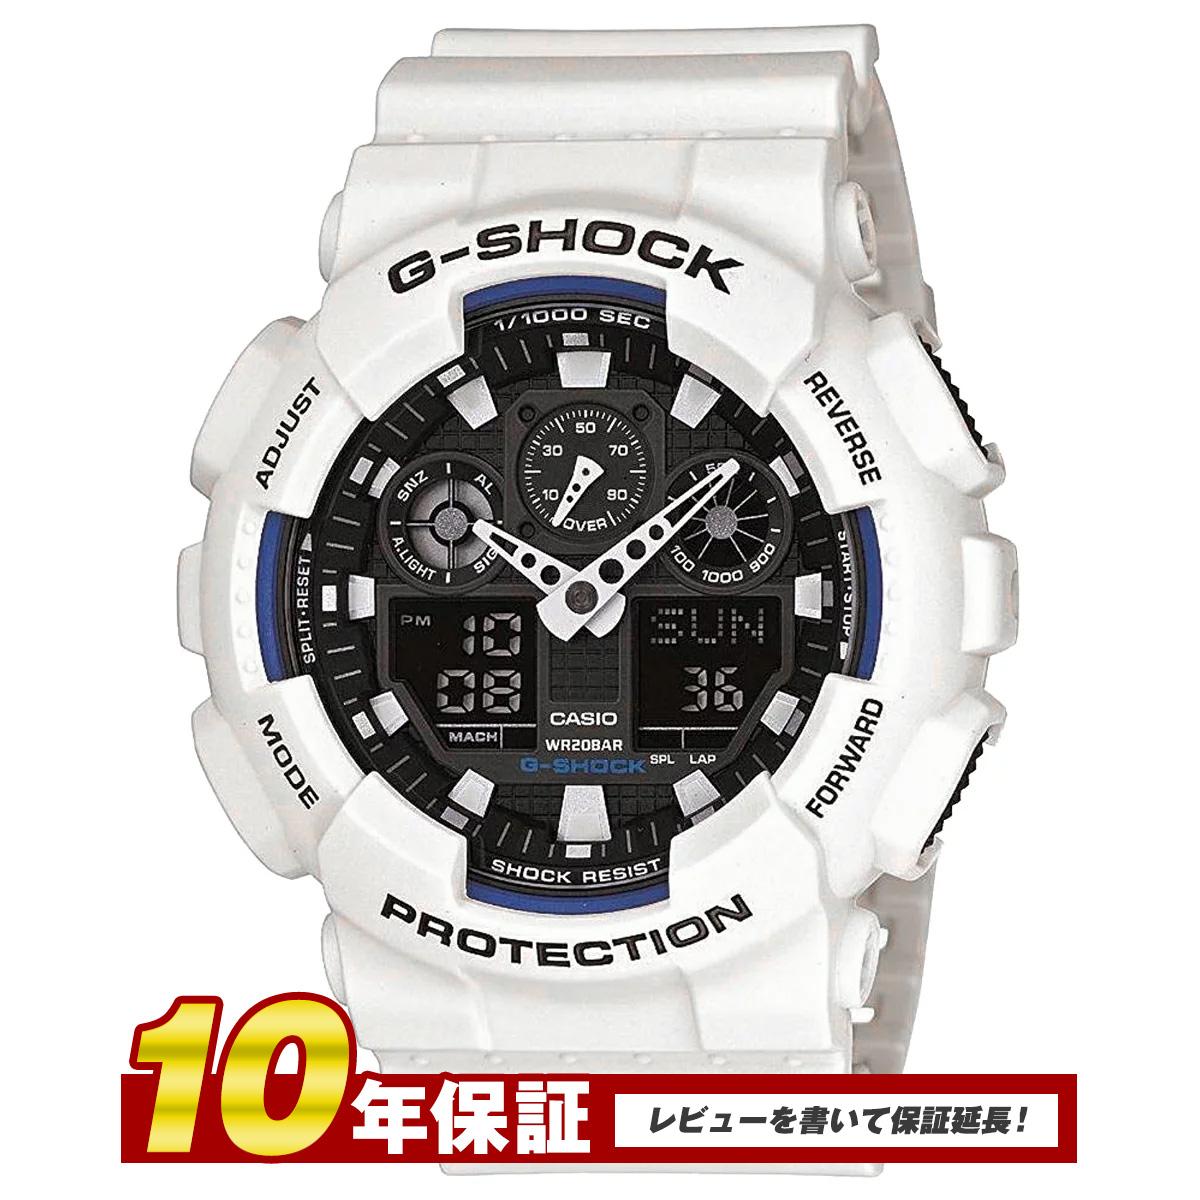 カシオ CASIO ベーシック BASIC ga-100b-7a メンズ 時計 腕時計 クオーツ カレンダー